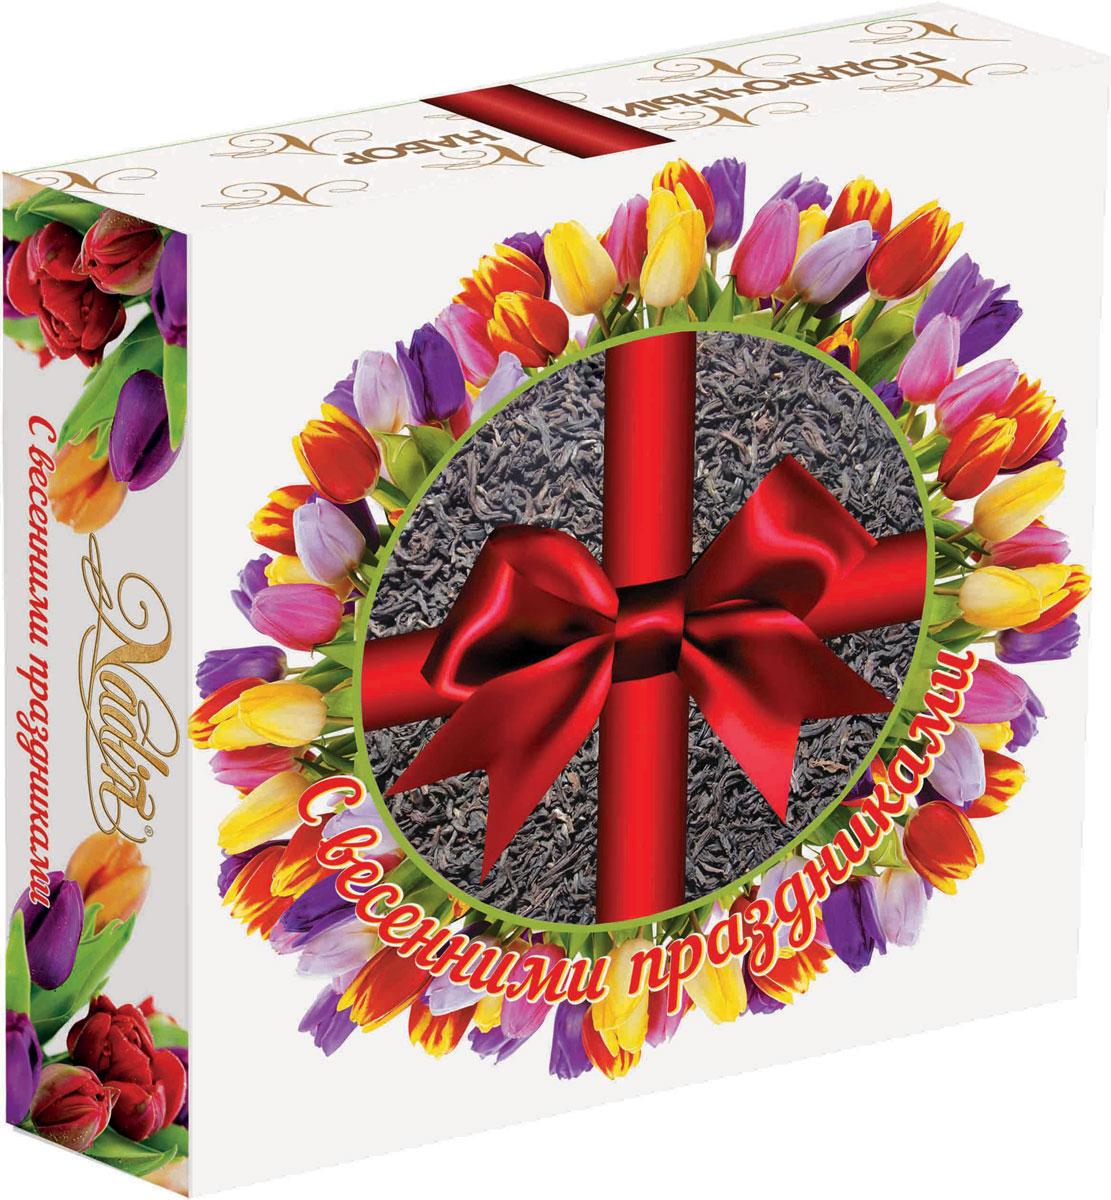 Nadin Подарочный набор 4 вида чая, 200 г mabroc эрл грей чай черный листовой 100 г